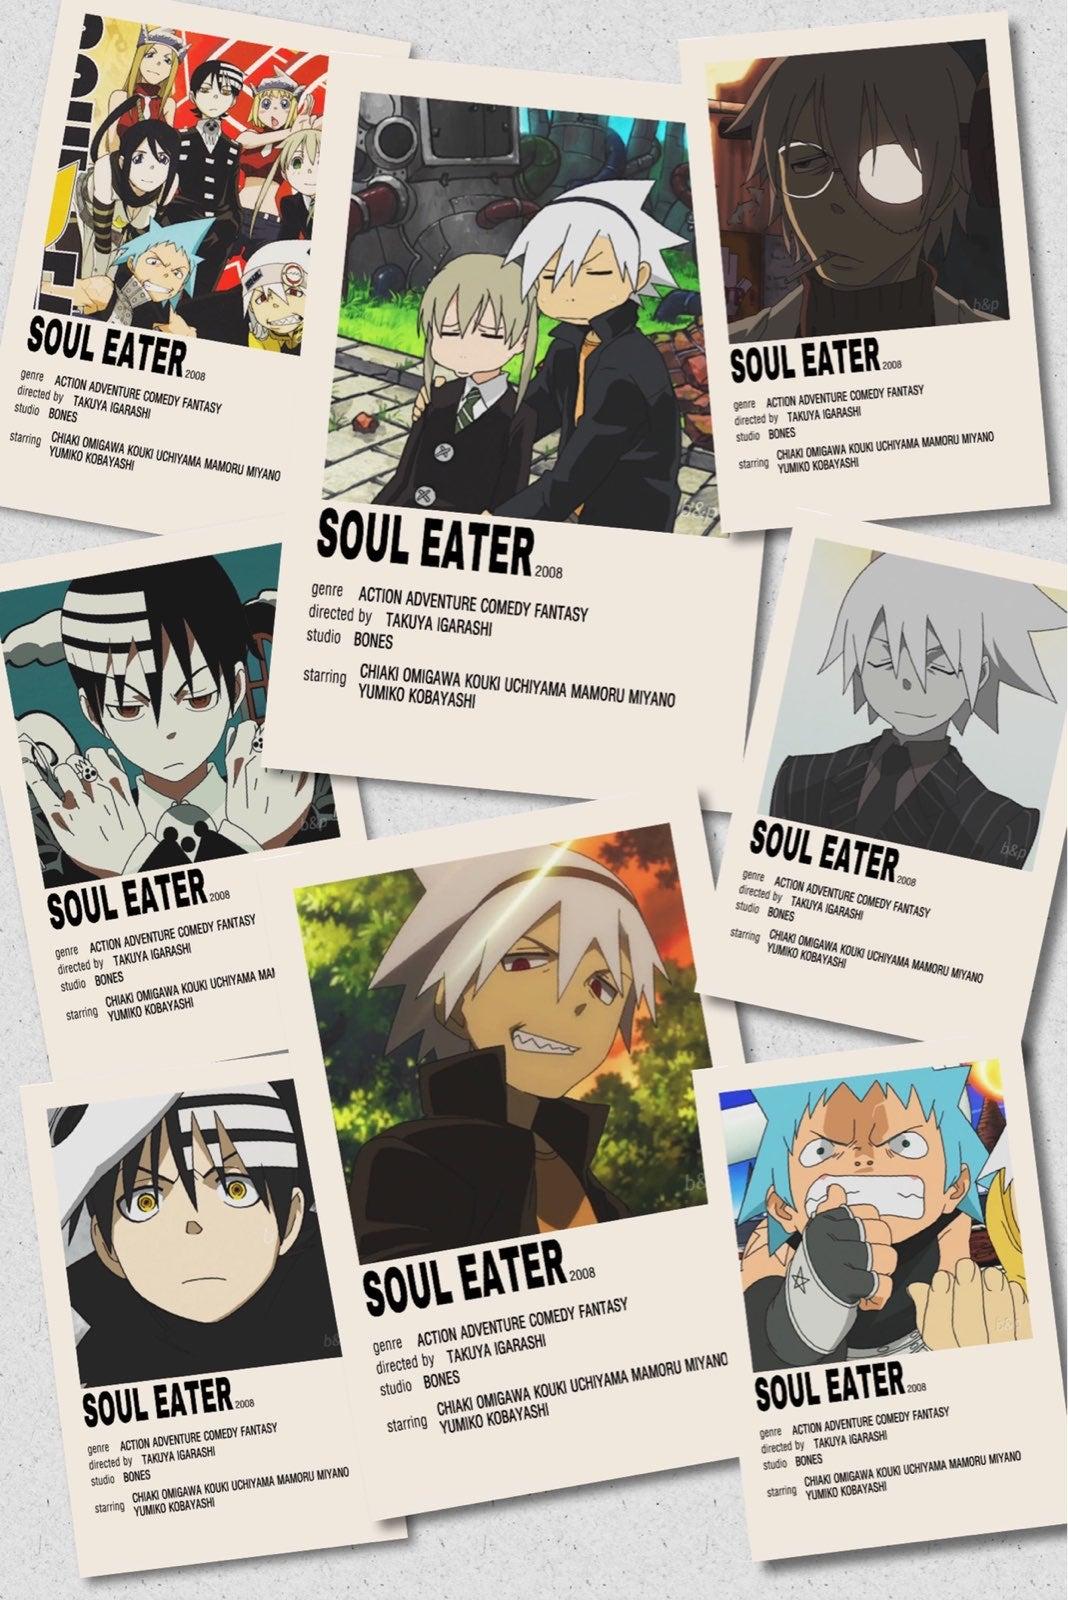 Soul Eater Prints Handmade